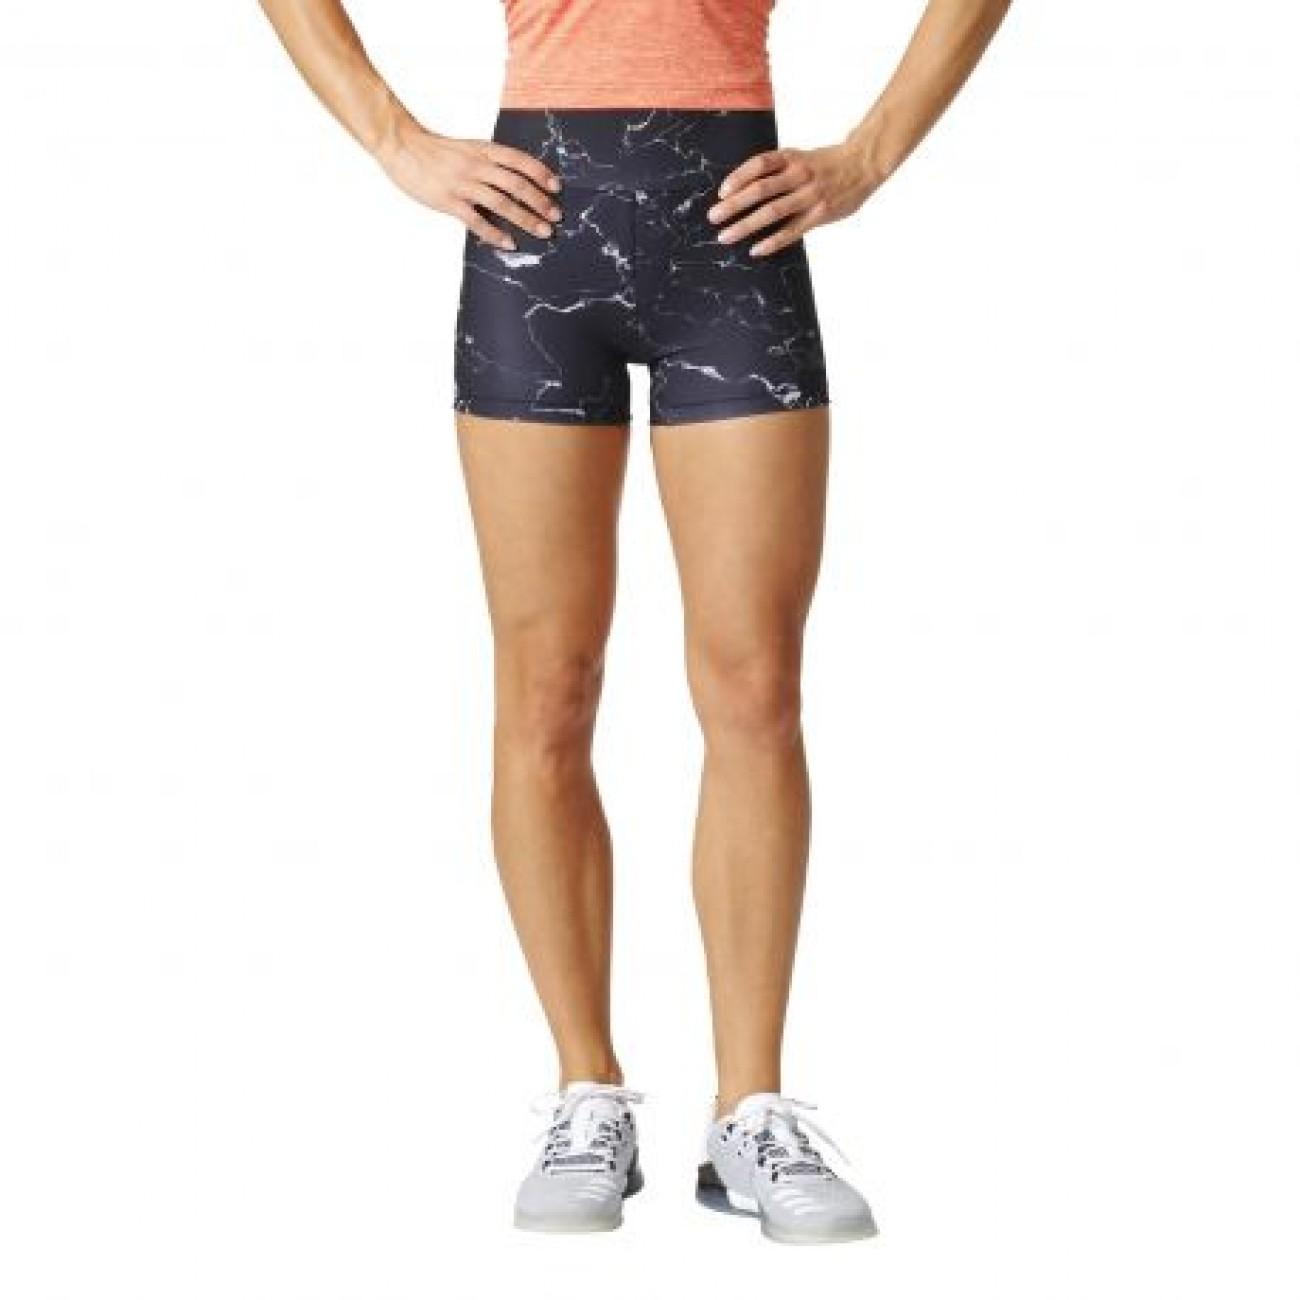 Short moulant femme pas cher - Vetement fitness et mode 36cdedce398